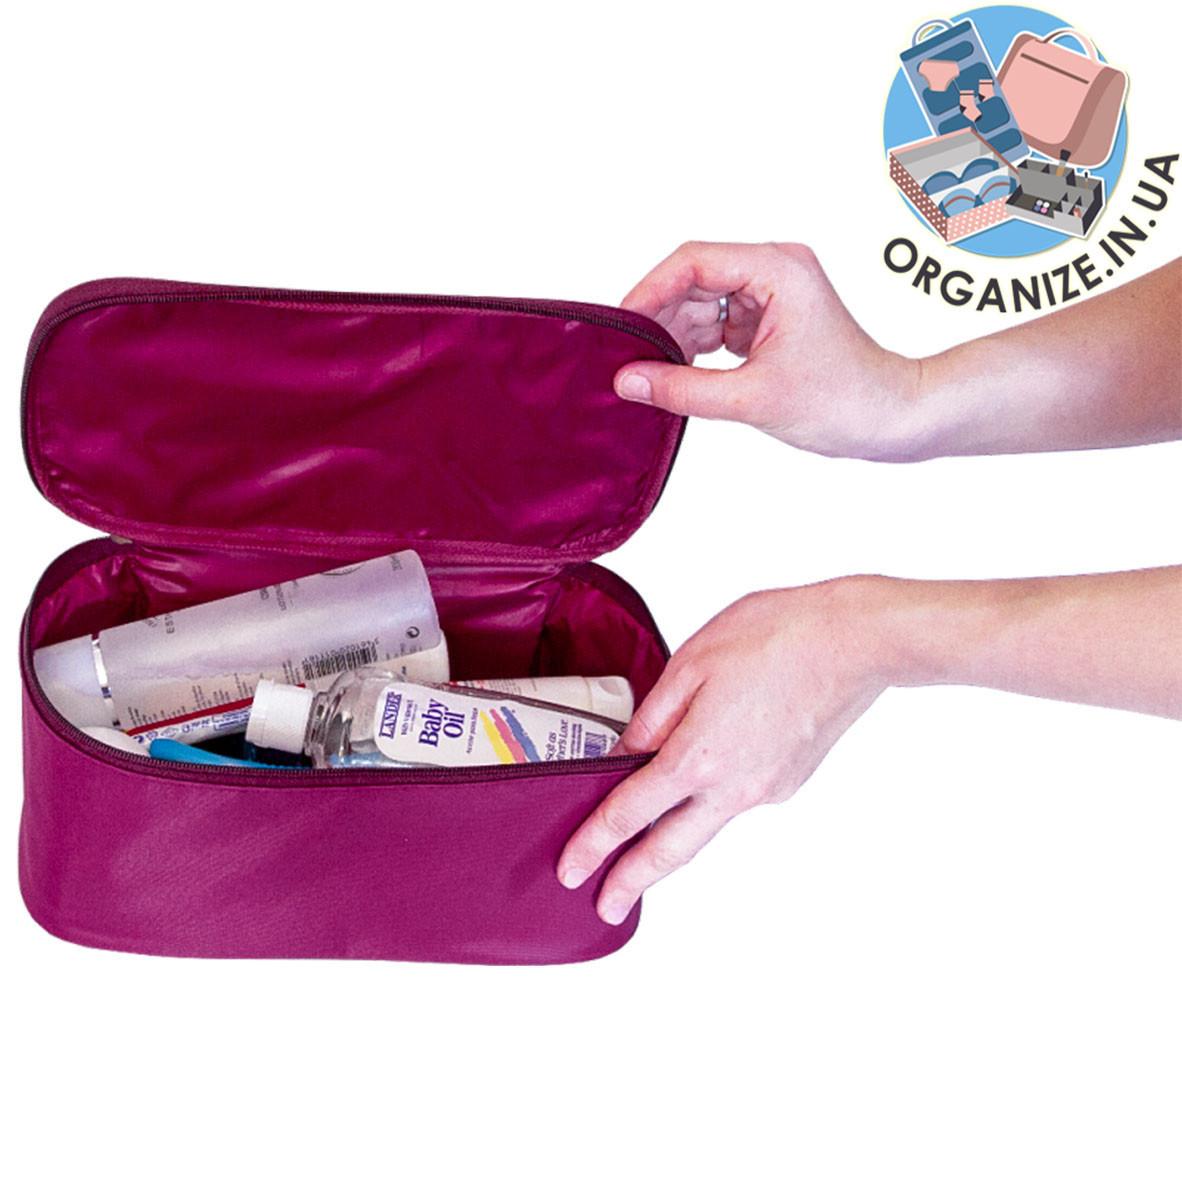 Вместительный органайзер для косметики и лекарств ORGANIZE (винный)